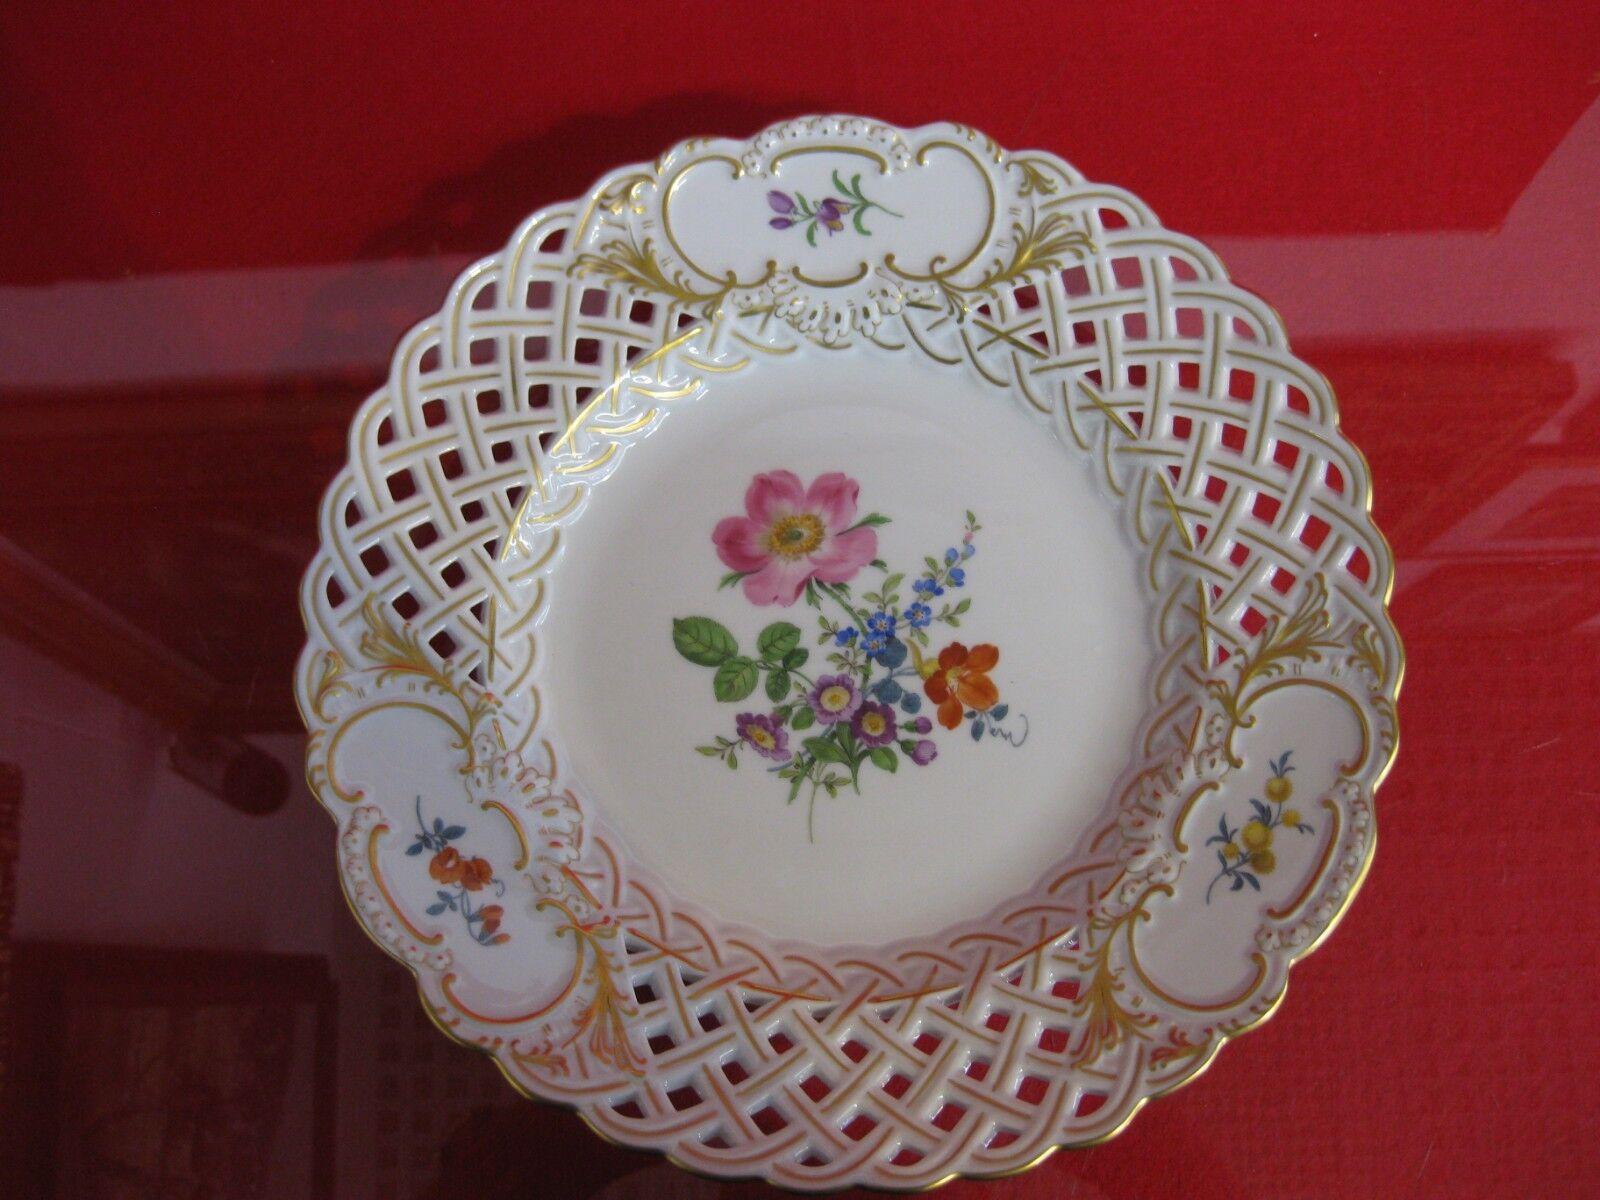 Meissen apparat assiette fleur peinture tableau dissertation or percée apparat Coque 1 choix